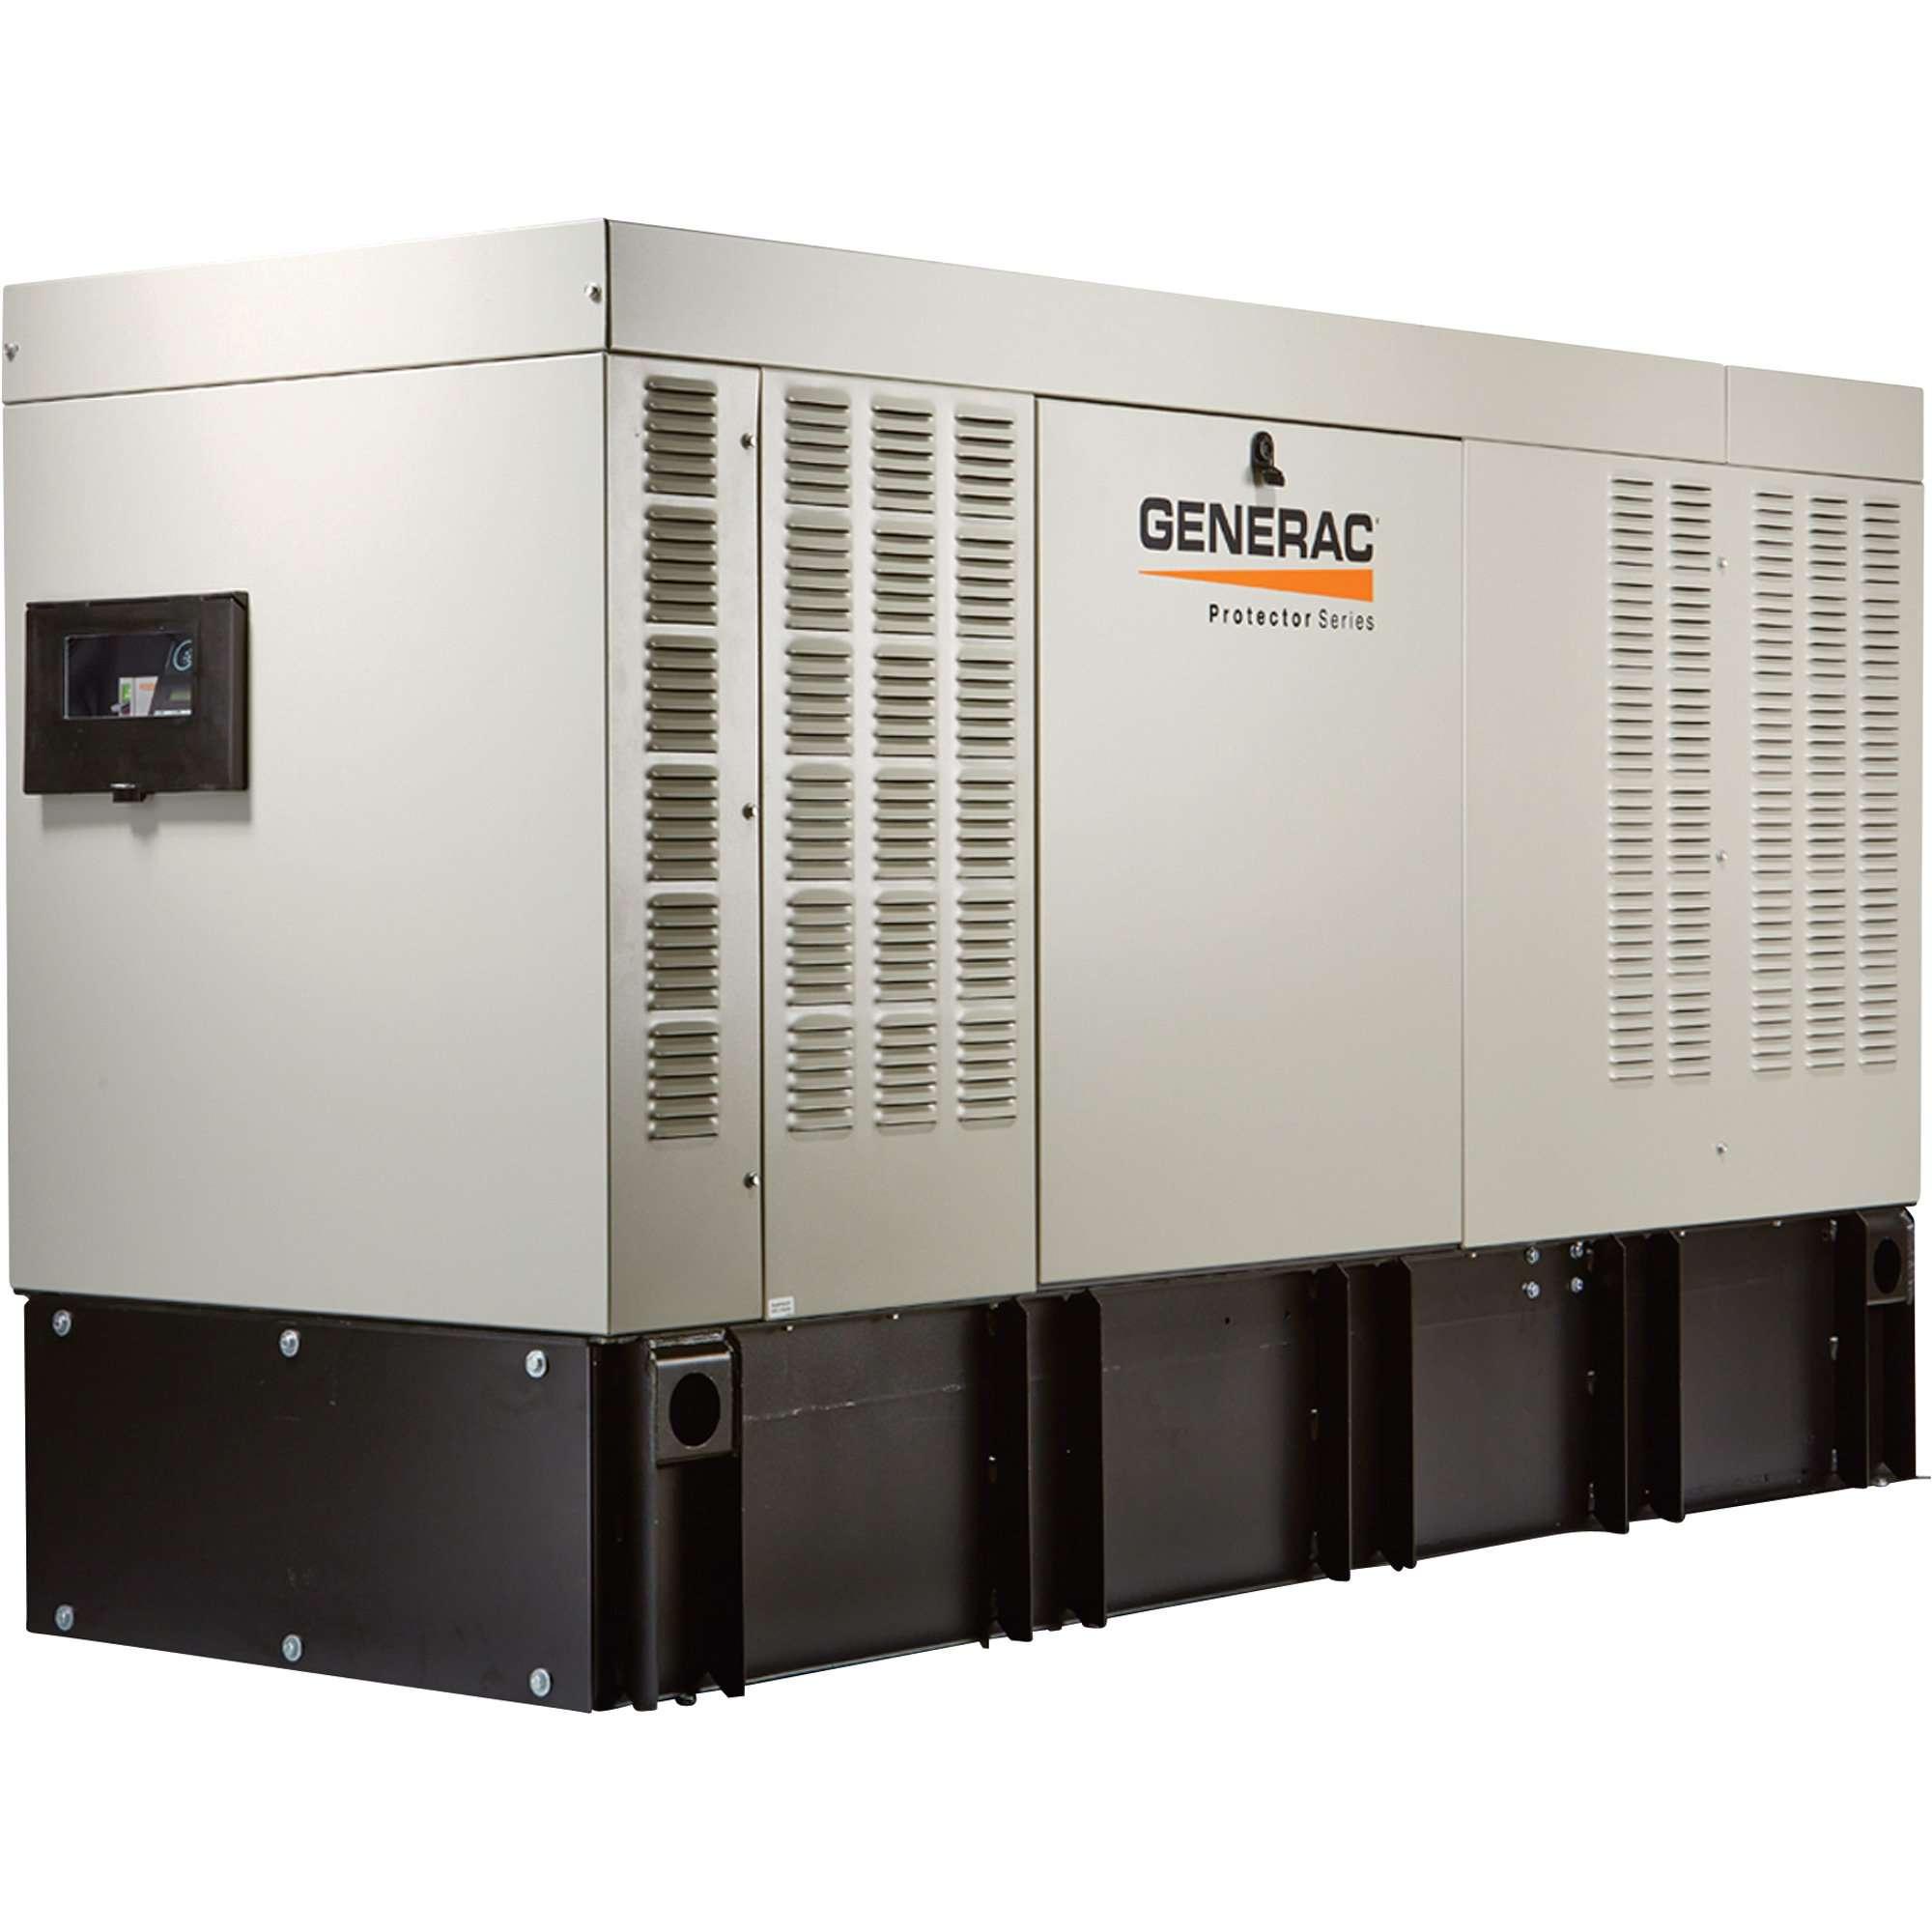 Generac Protector Series 15 kW Diesel Home Standby Generator, Model RD01525